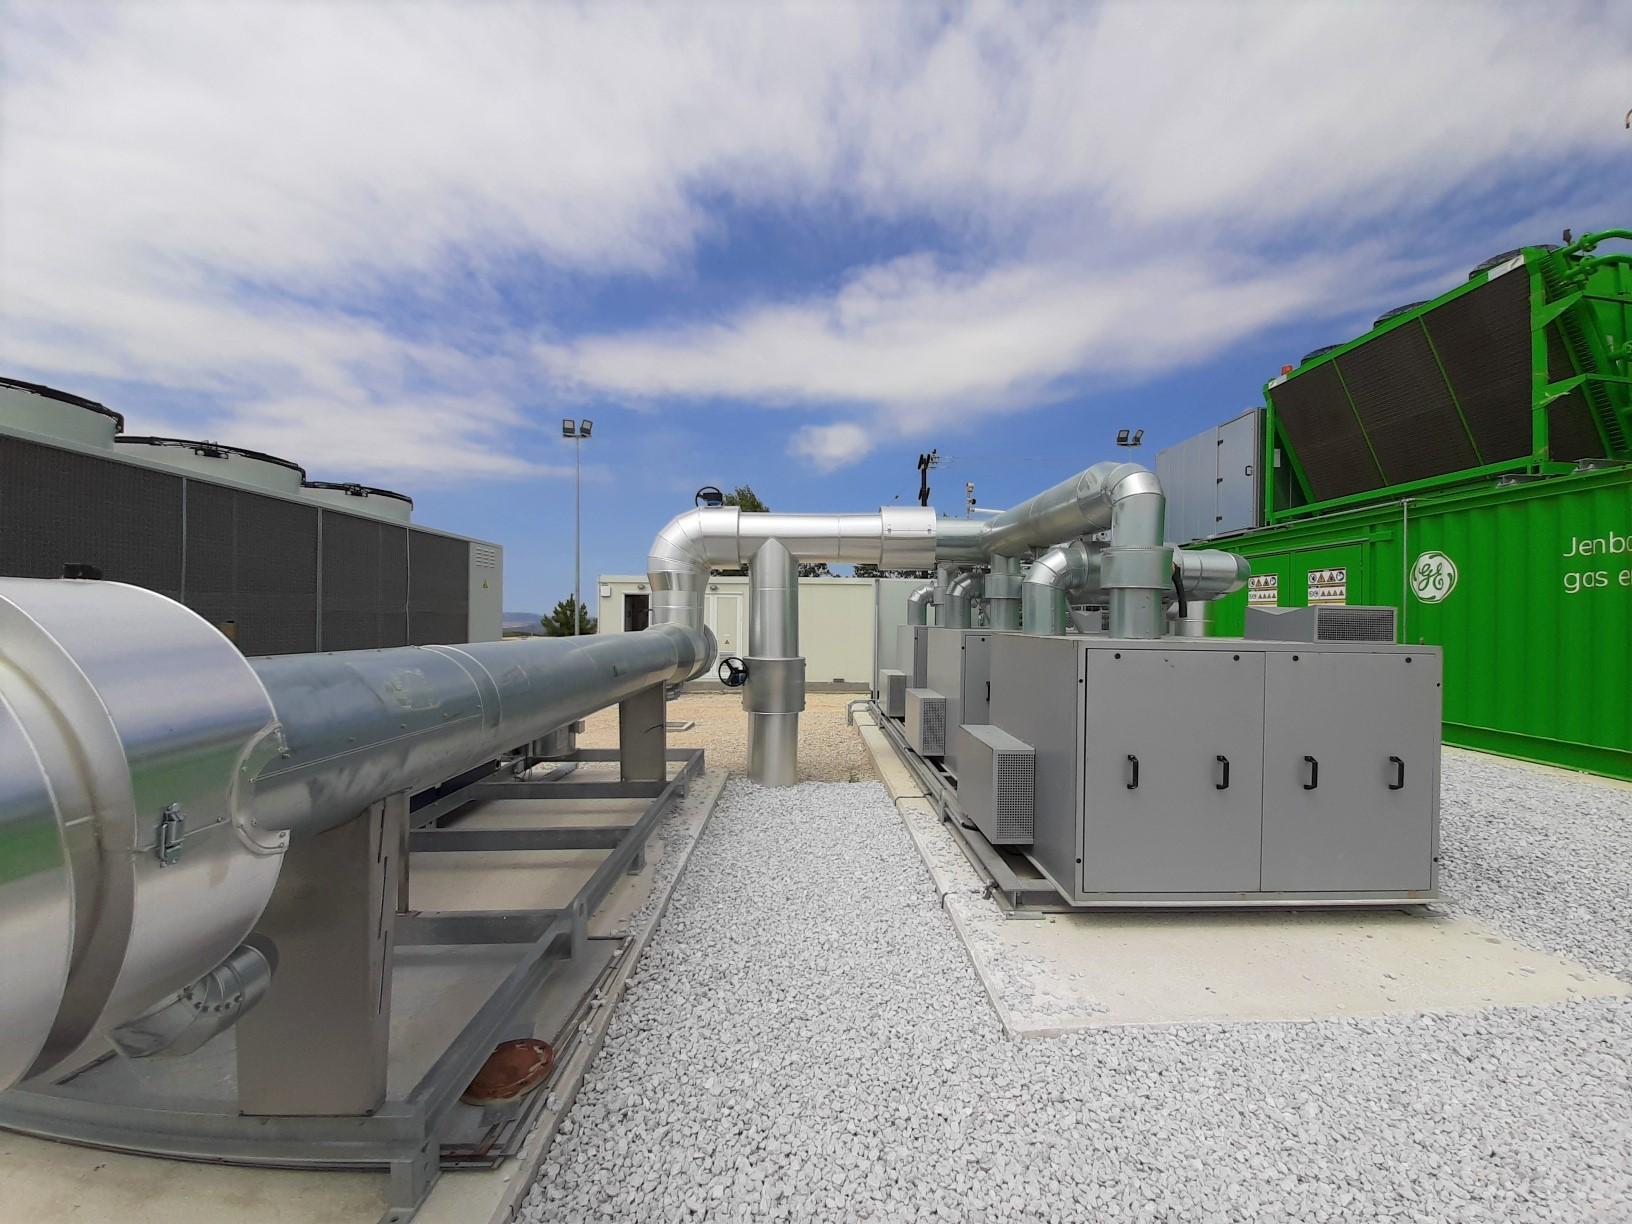 Ολοκλήρωση της επένδυσης της ΗΛΕΚΤΩΡ στη νέα Μονάδα Ενεργειακής Αξιοποίησης Βιοαερίου ΧΥΤΑ Μαυροράχης